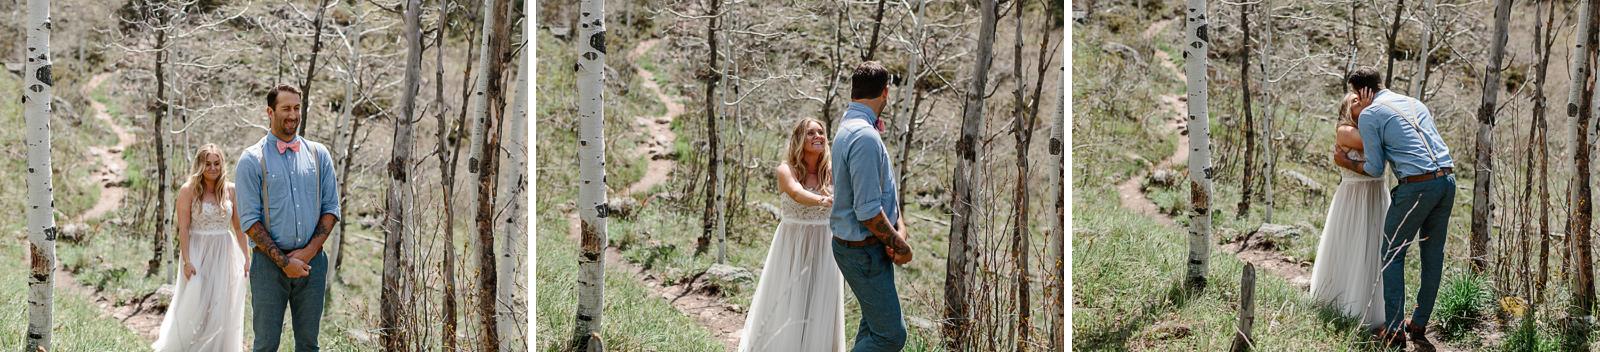 023-vail-elopement-photographer-chris-and-tara.jpg